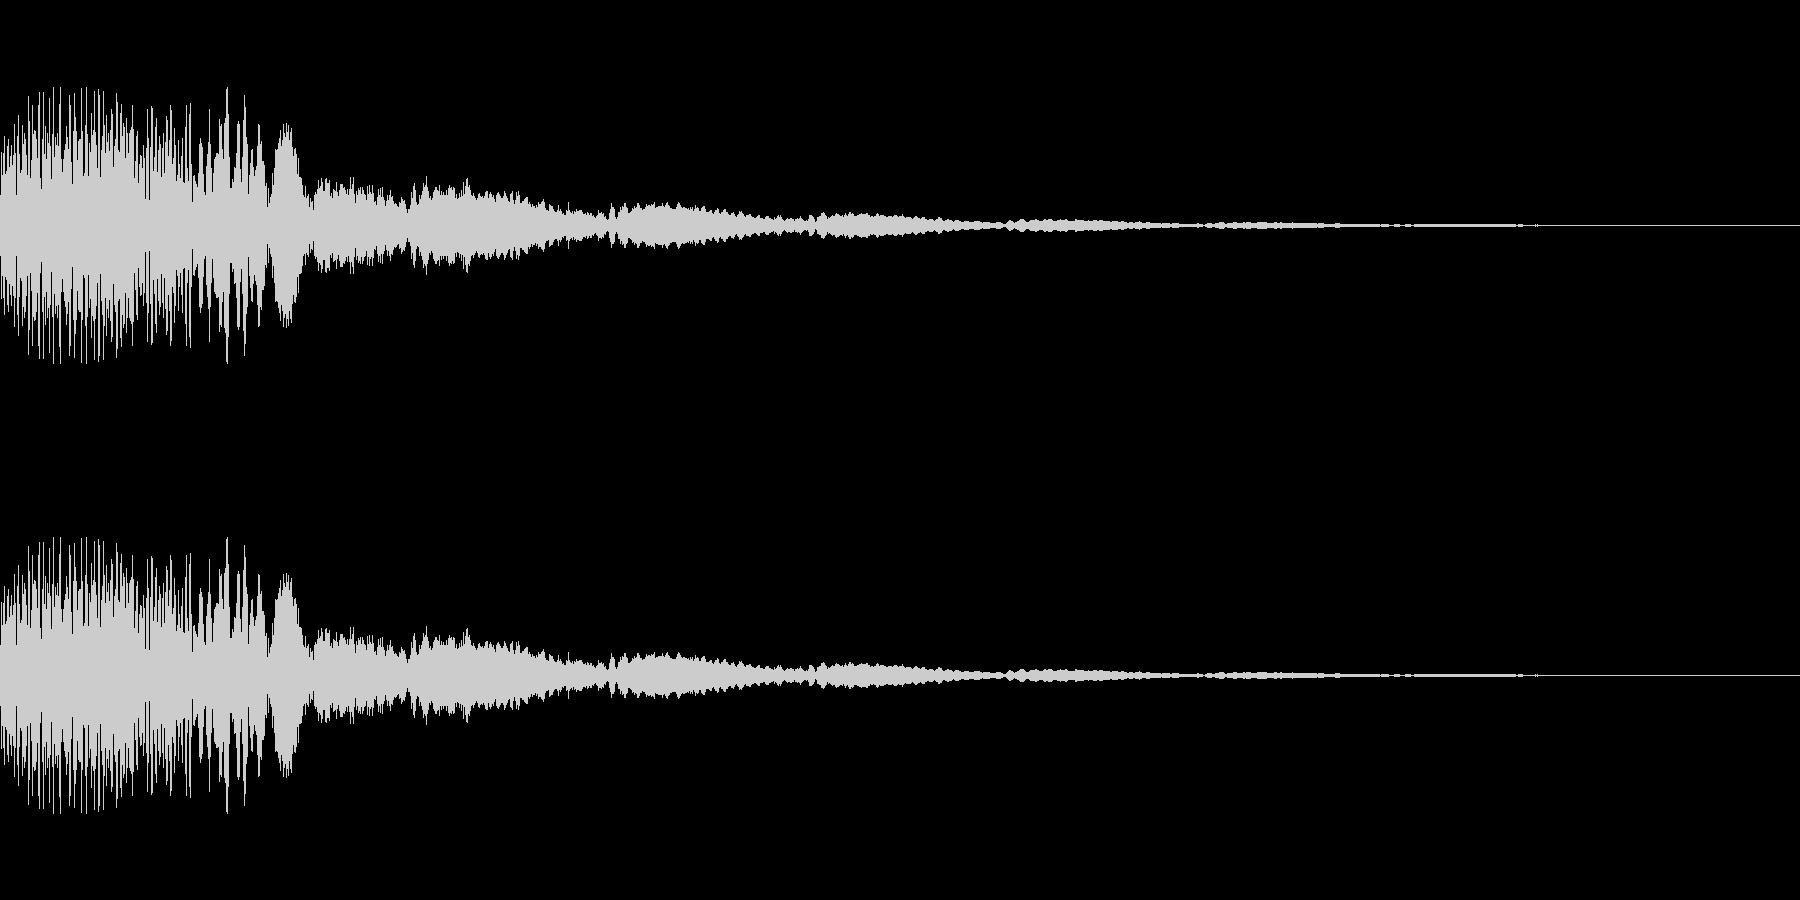 [ポロロン]ミス(可愛く柔かい)の未再生の波形